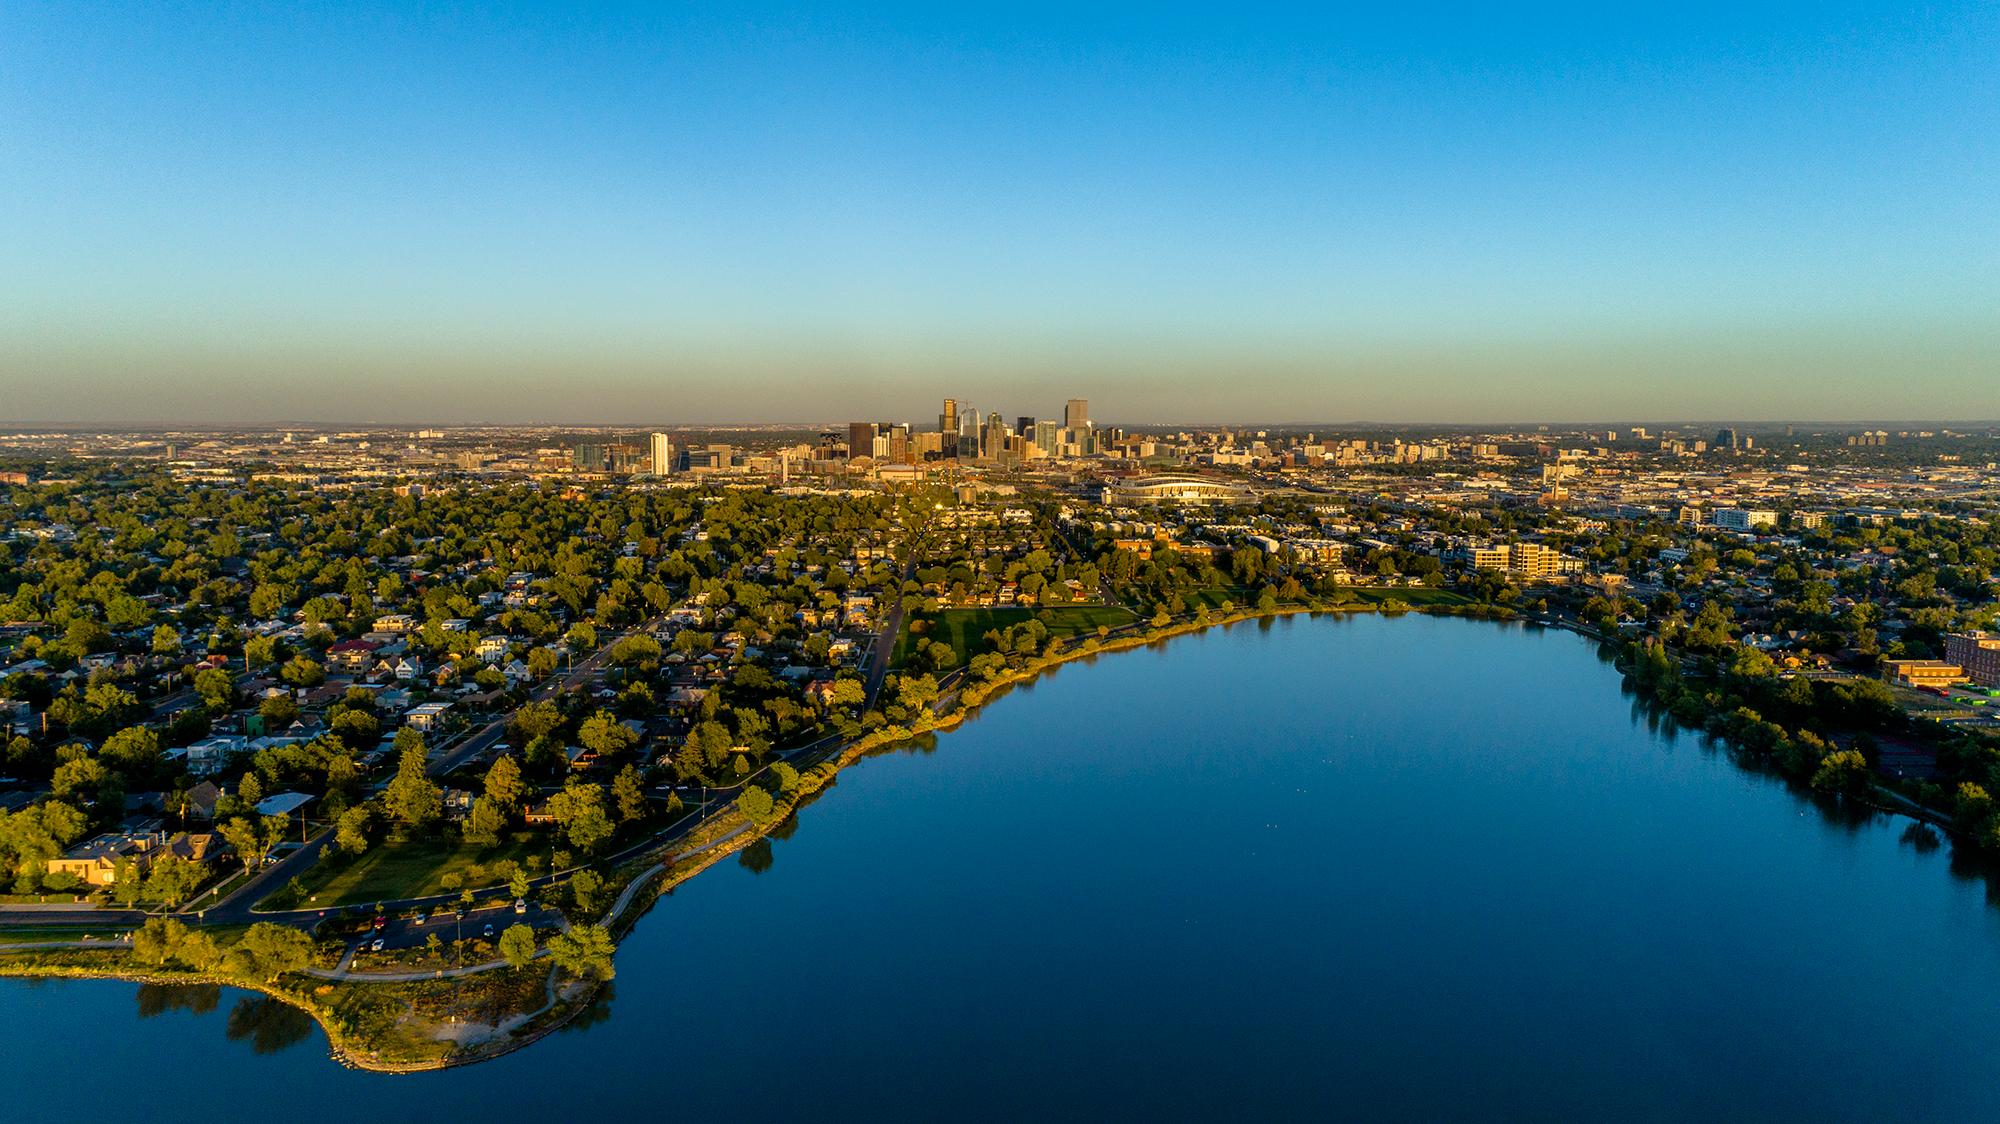 Sloan Lake Park